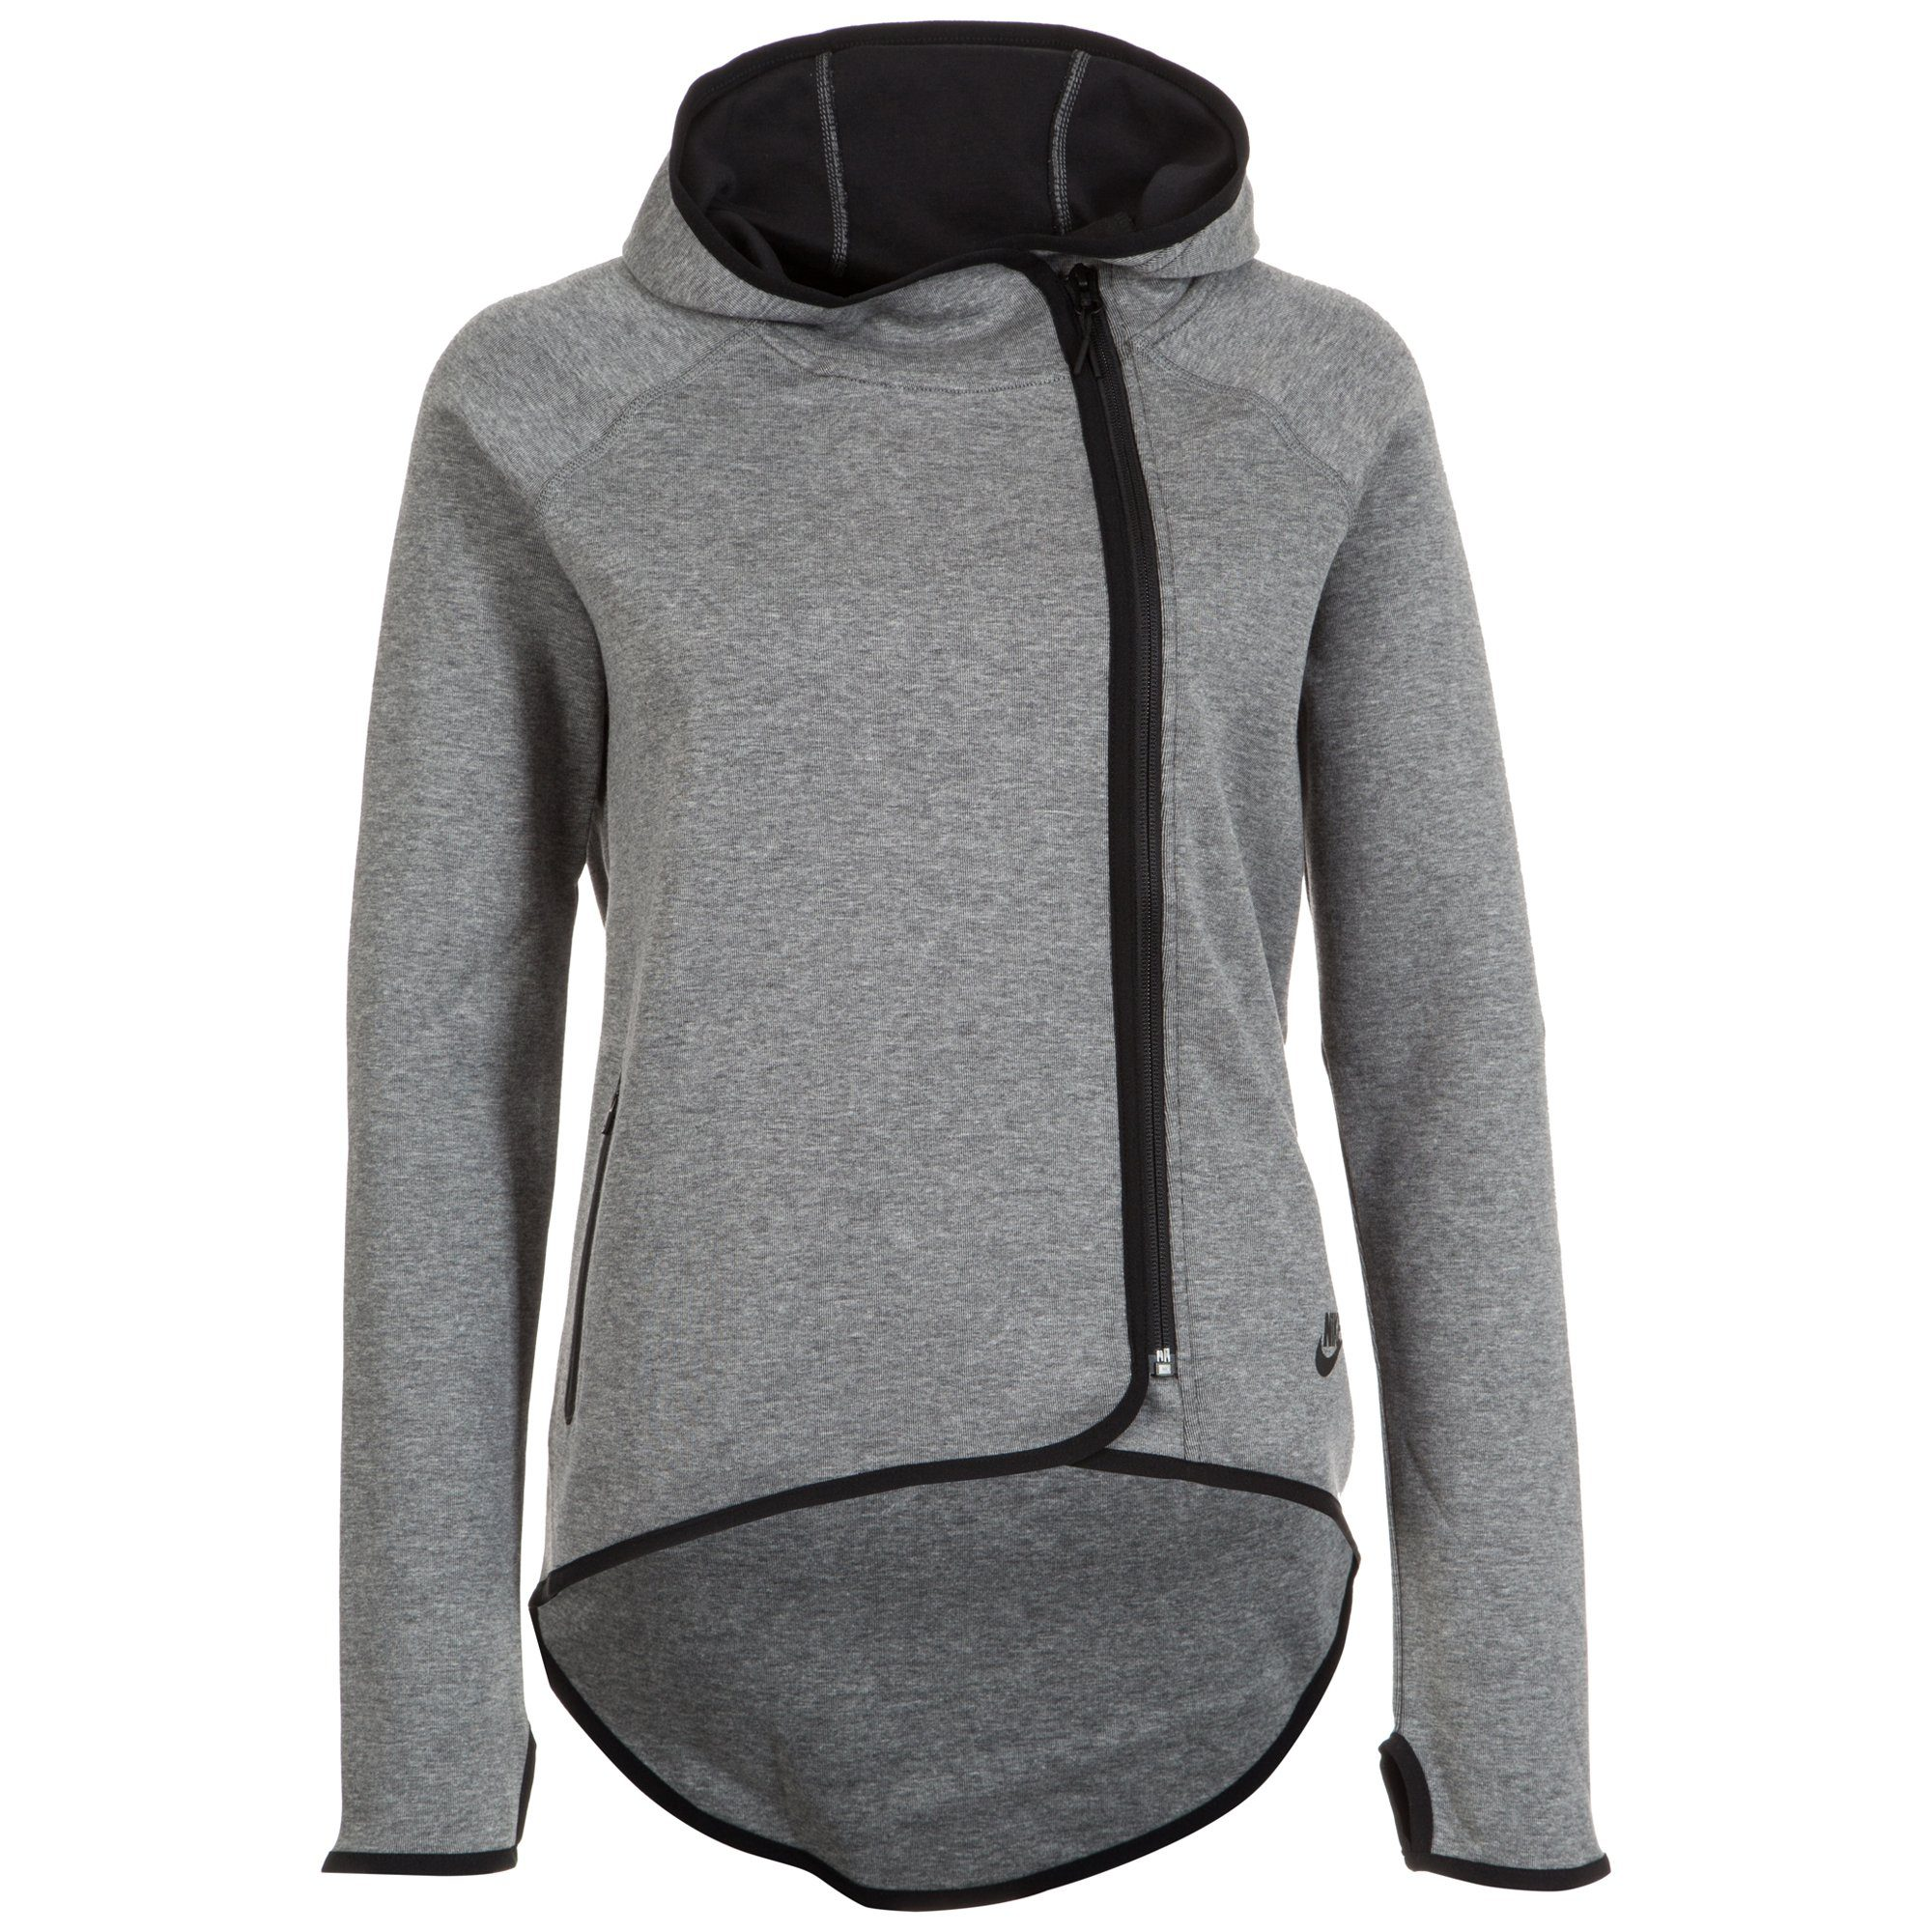 Nike Sportswear Trainingsjacke Tech Fleece Preisvergleich